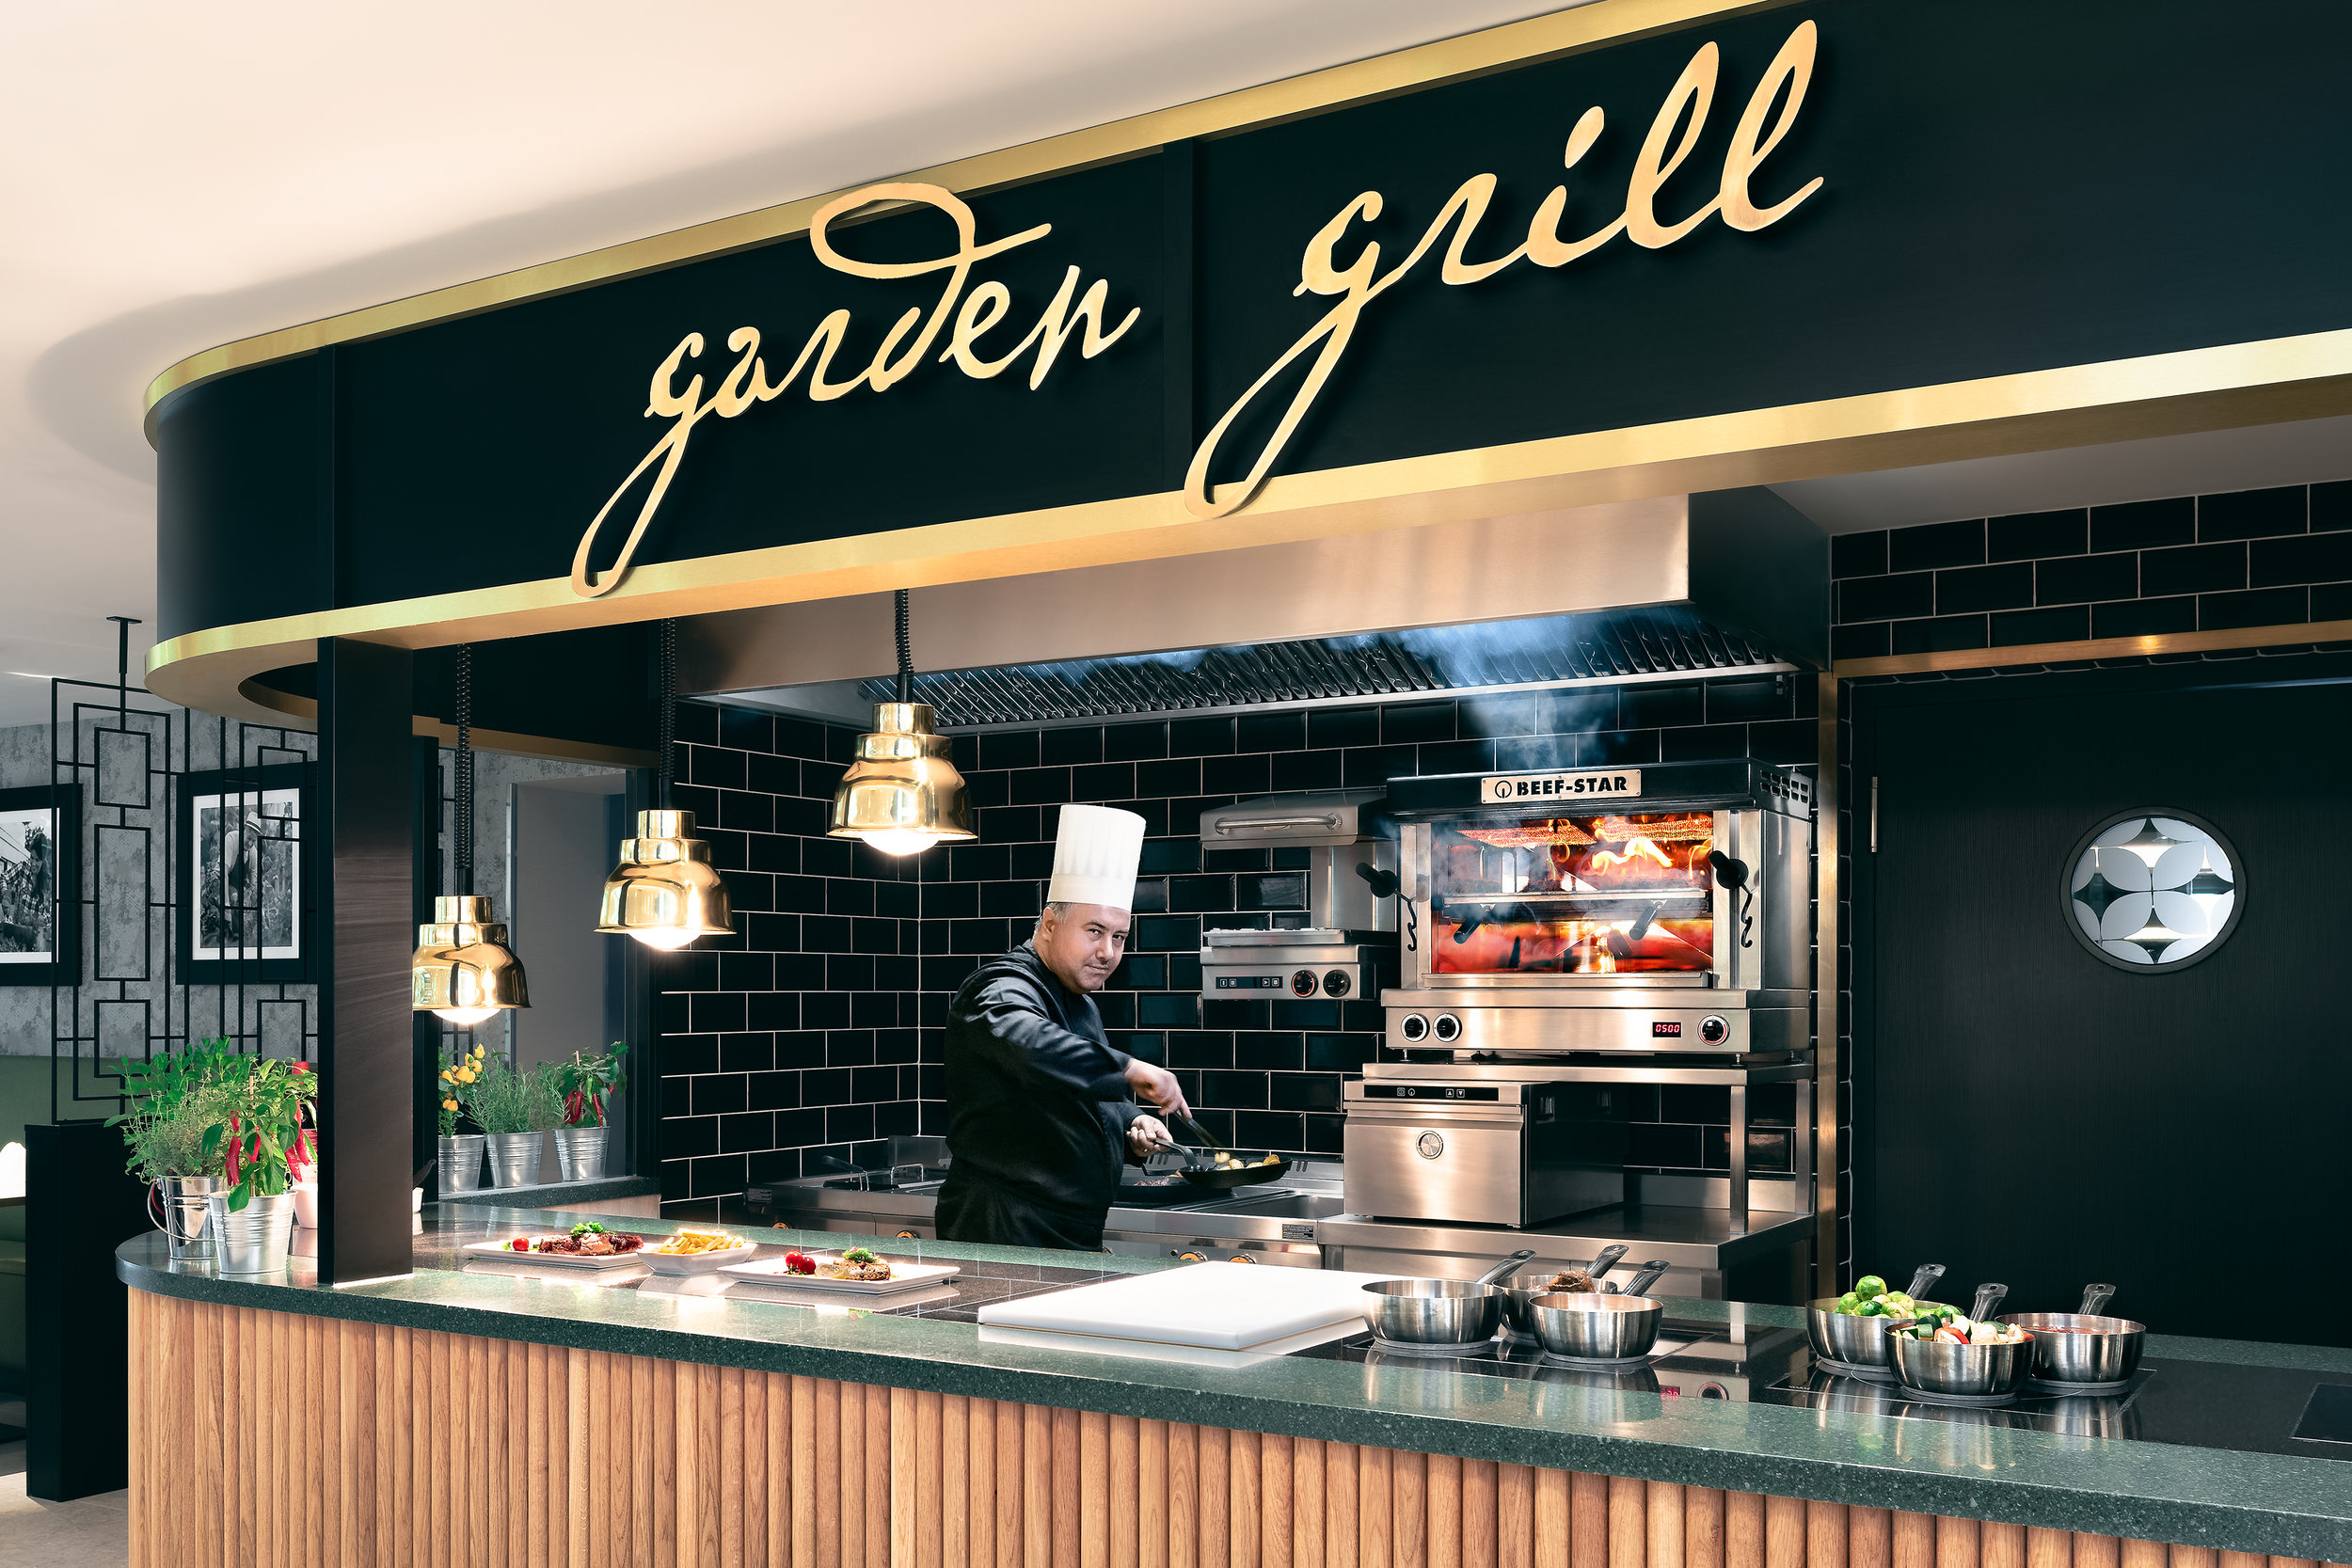 Hotelfotografie: Hilton Hotel - Küche mit Beefer Grill